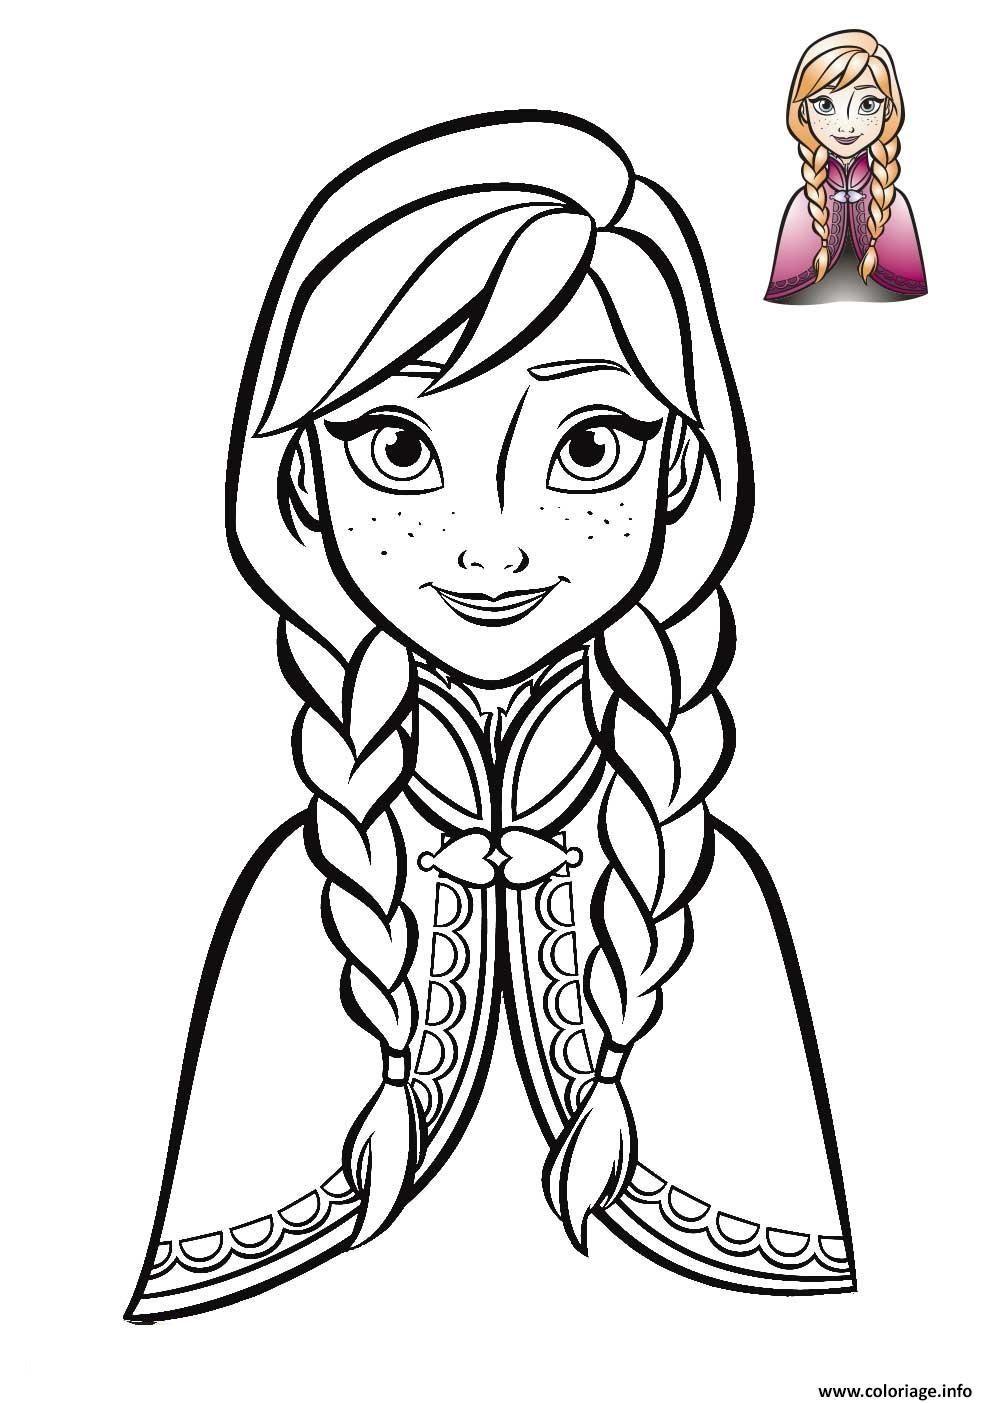 Coloriage Imprimer Neiges Dessin Reine Anna Face Des Decoloriage Anna Reine Des Neiges De Face Kostenlose Ausmalbilder Disney Malvorlagen Ausmalbilder